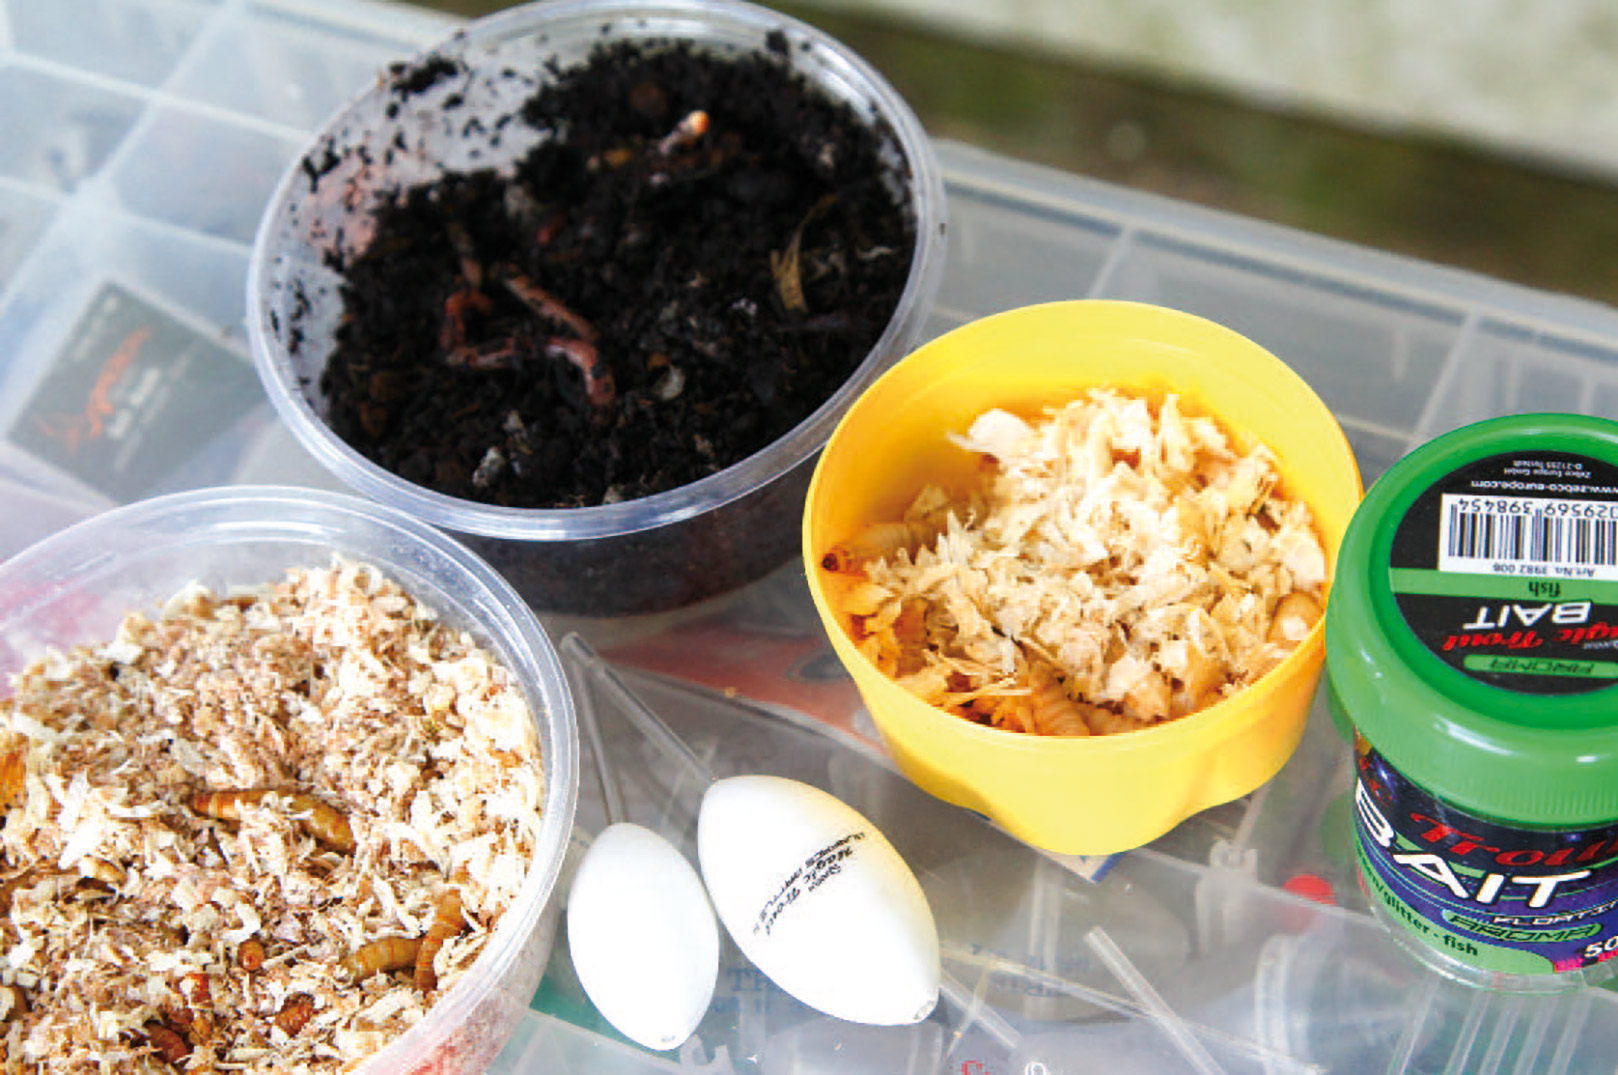 Til tremarella fiskeri benyttes som regel naturlig agn eller ørreddej. Teknikken er netop baseret på at man bombarderer fiskens sanser med lyd, lugt, bevægelse, trykbølger og farve, for at stimulere den til at hugge, og derfor bruger man altid agn med duft og smag.